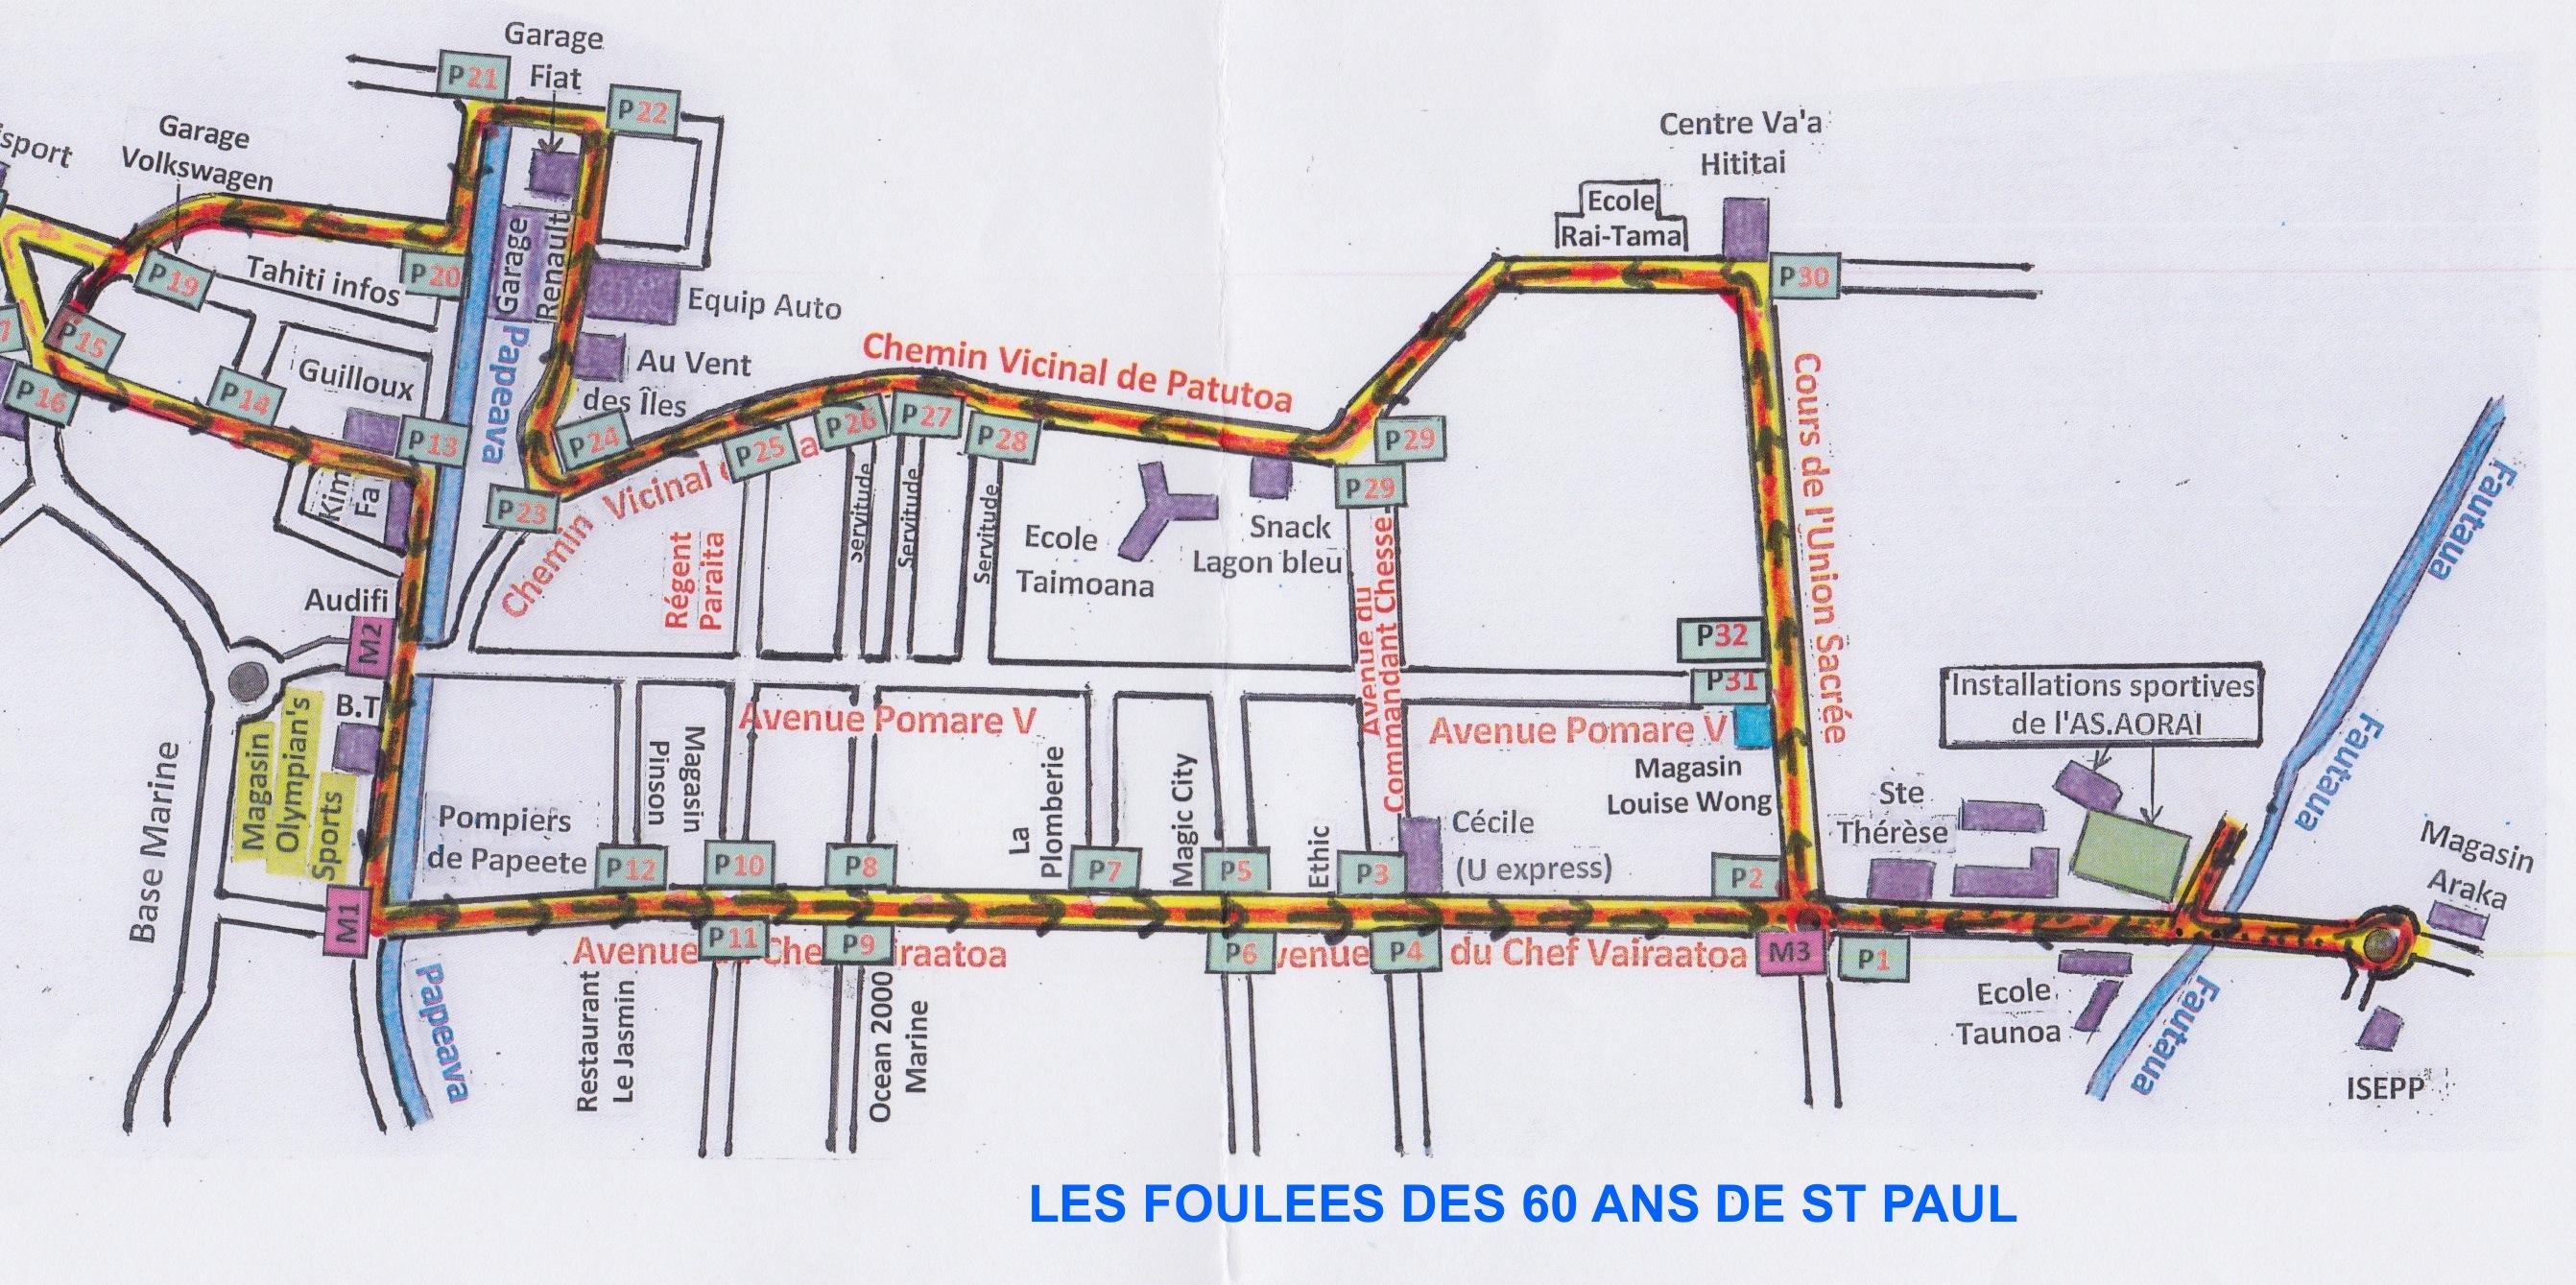 Le plan des foulées des 60 ans de St Paul.